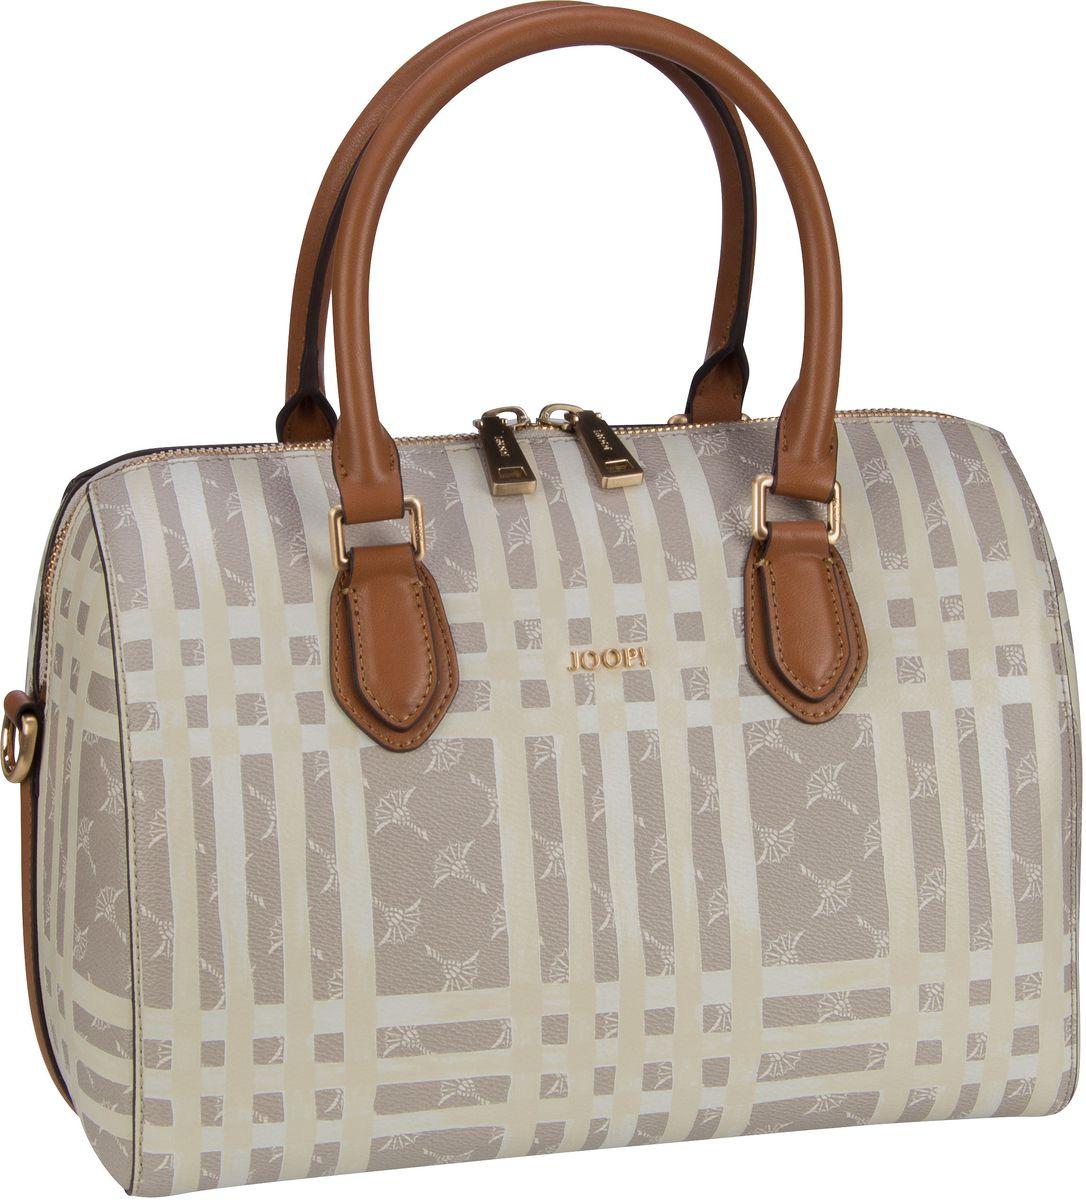 Handtasche Cortina Cheque Aurora HandBag SHZ Beige